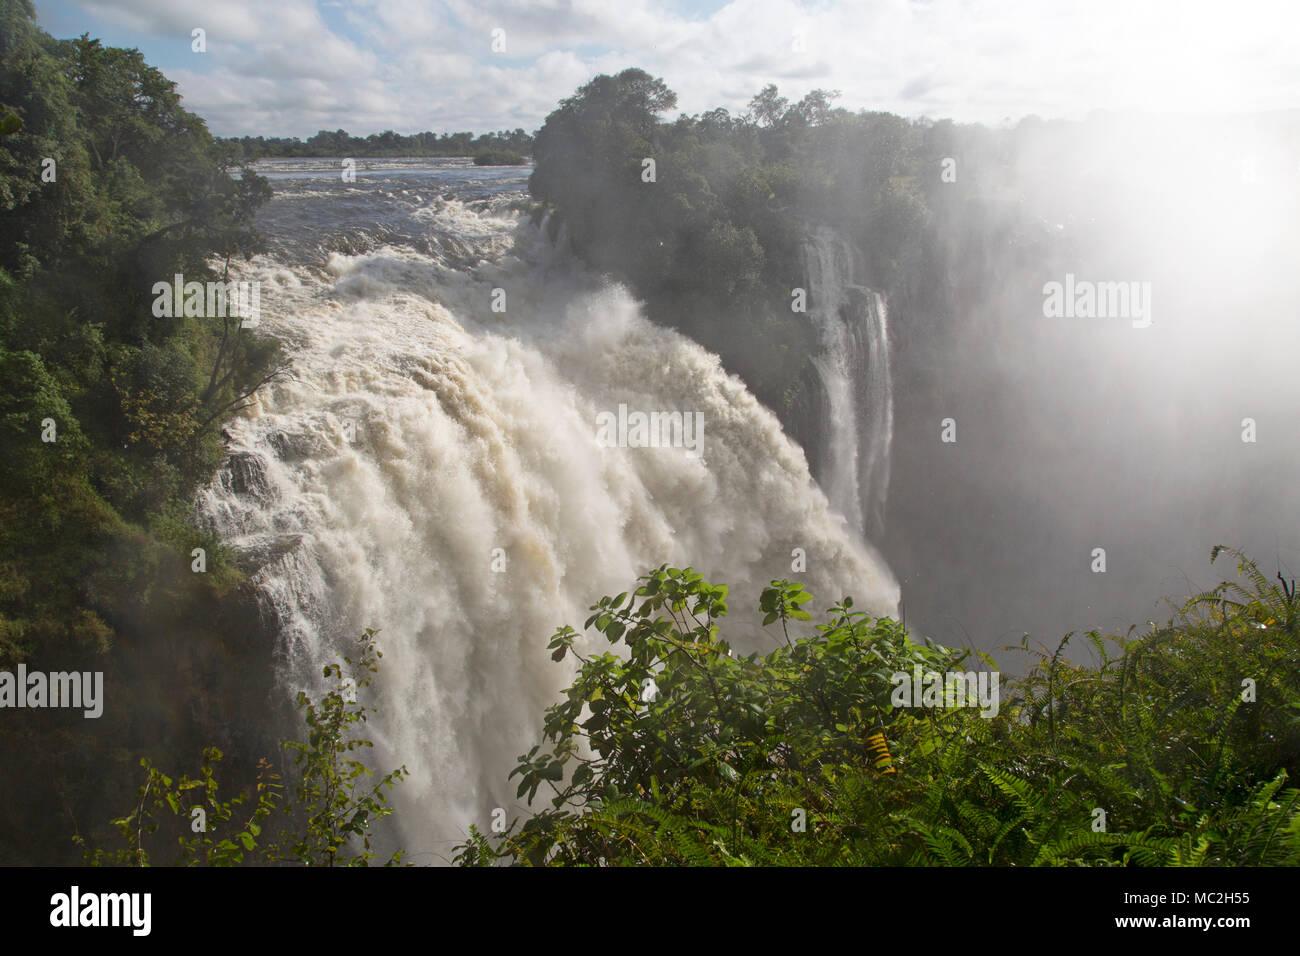 La Catarata del diablo en las Cataratas Victoria (Mosi-oa-Tunya) en la frontera de Zambia y Zimbabwe. Imagen De Stock